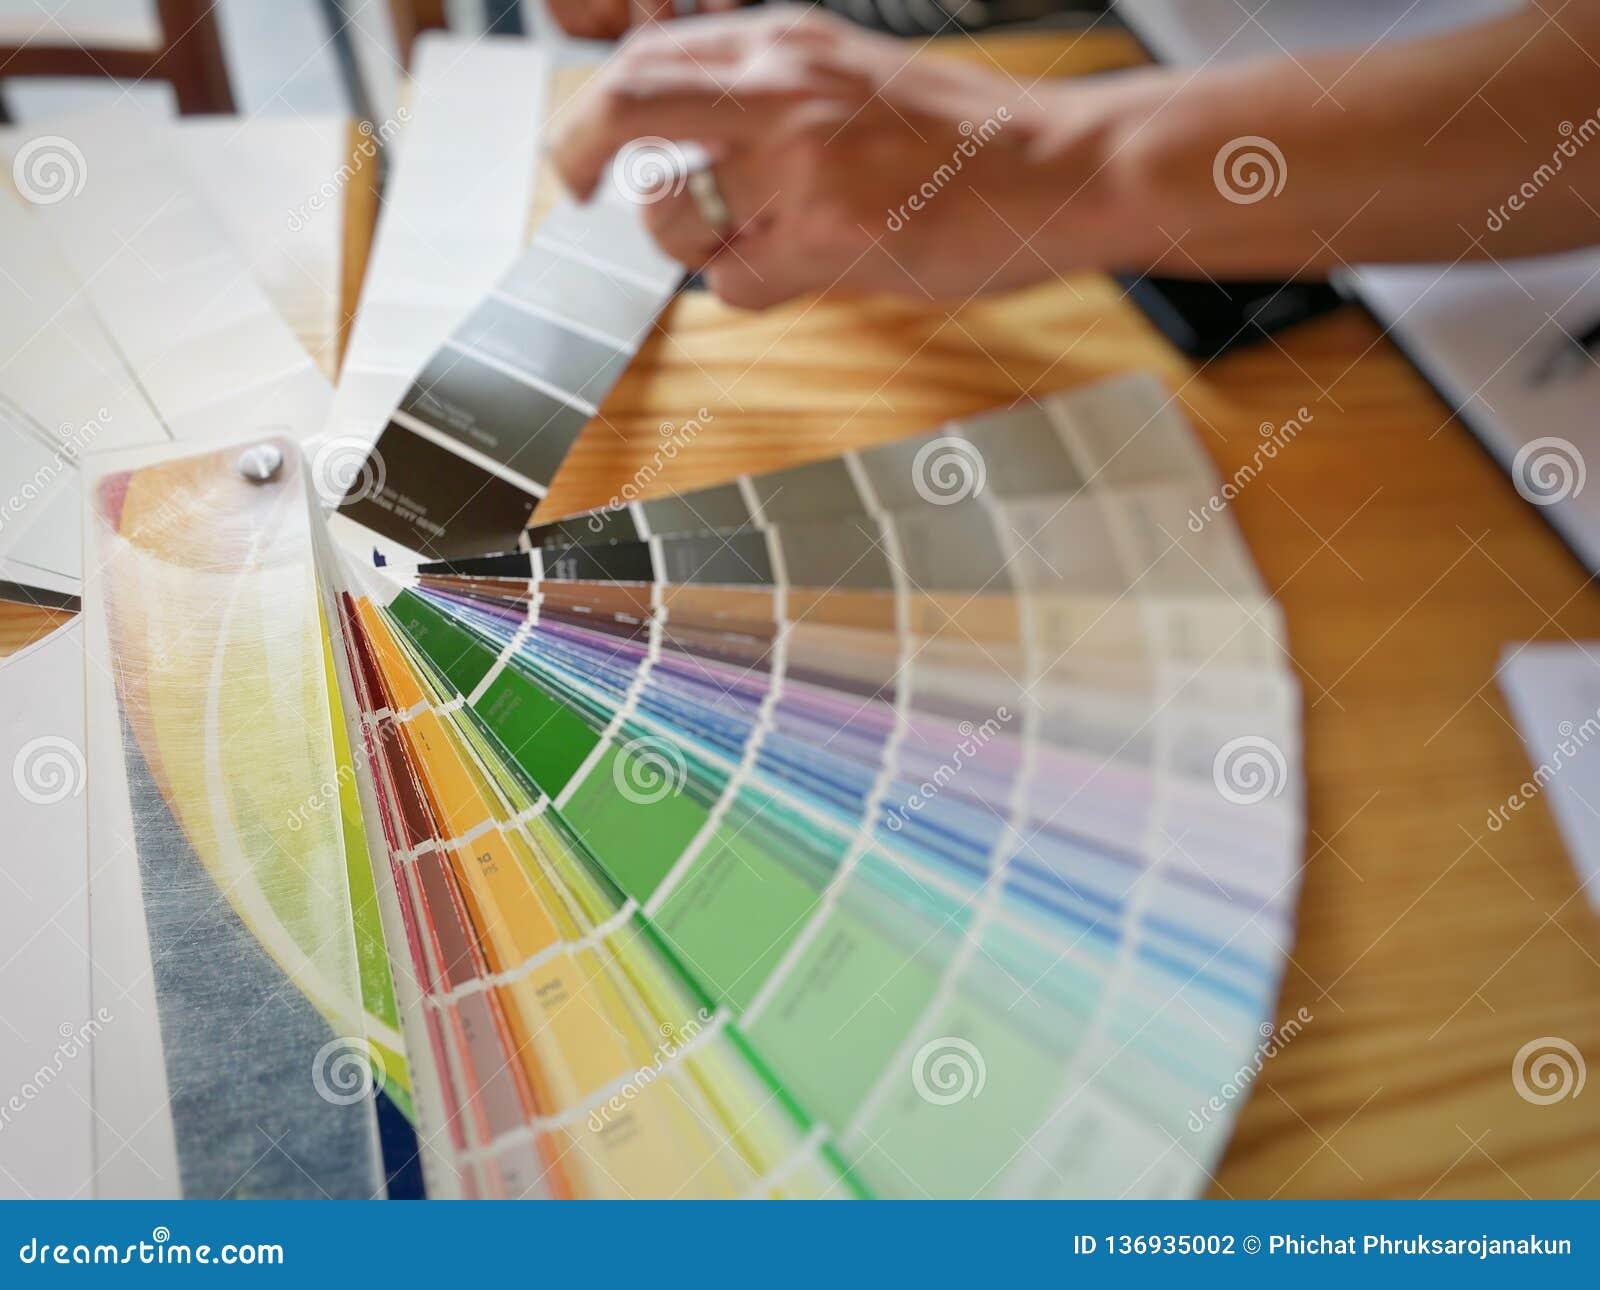 Catalogus van kleur met hand die van de mens voor binnenlands ontwerp selecteren